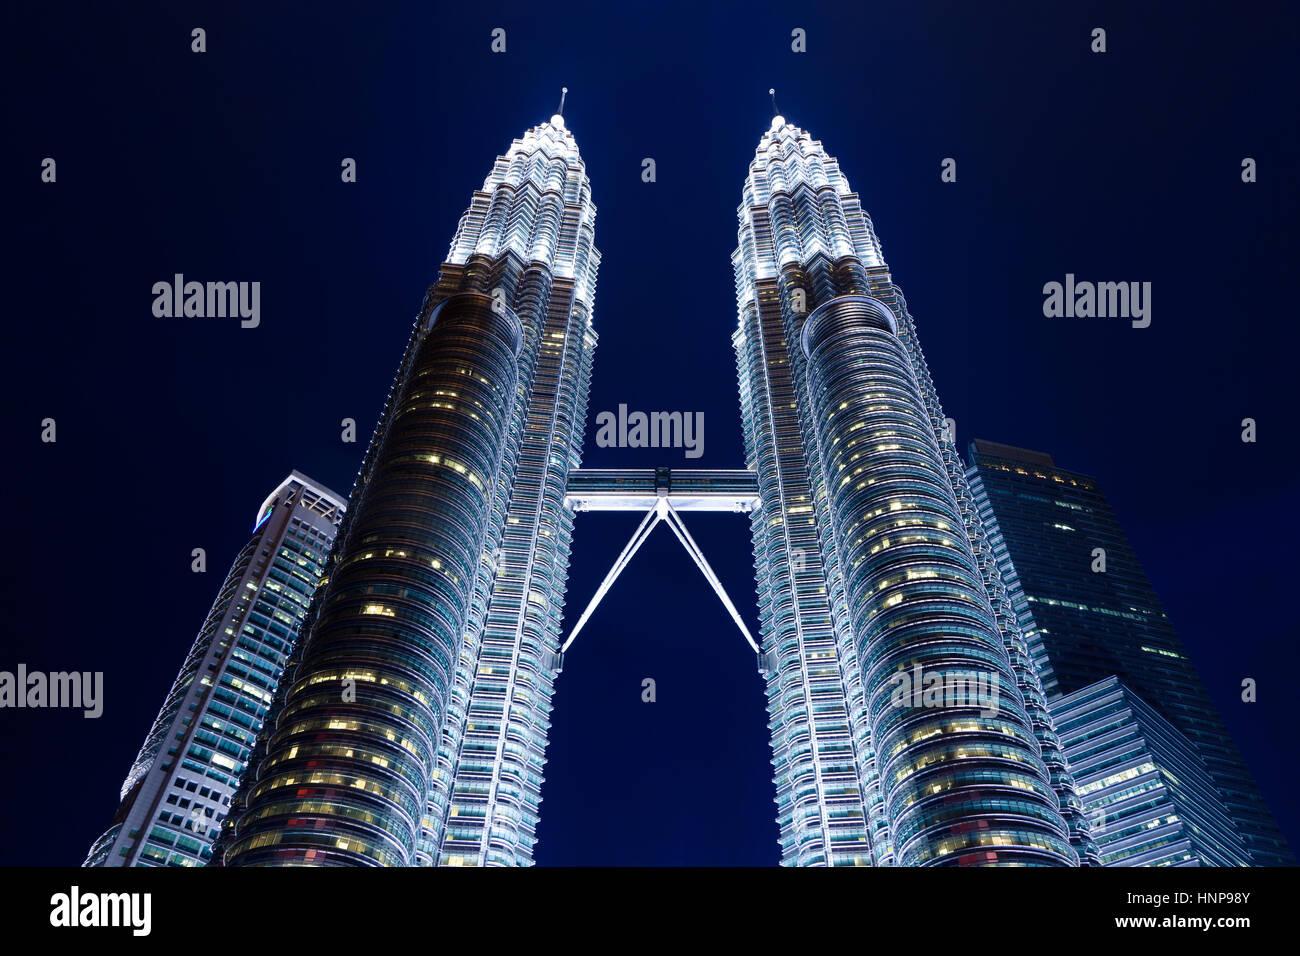 Petronas Twin Towers di notte, Kuala Lumpur, Malesia Immagini Stock